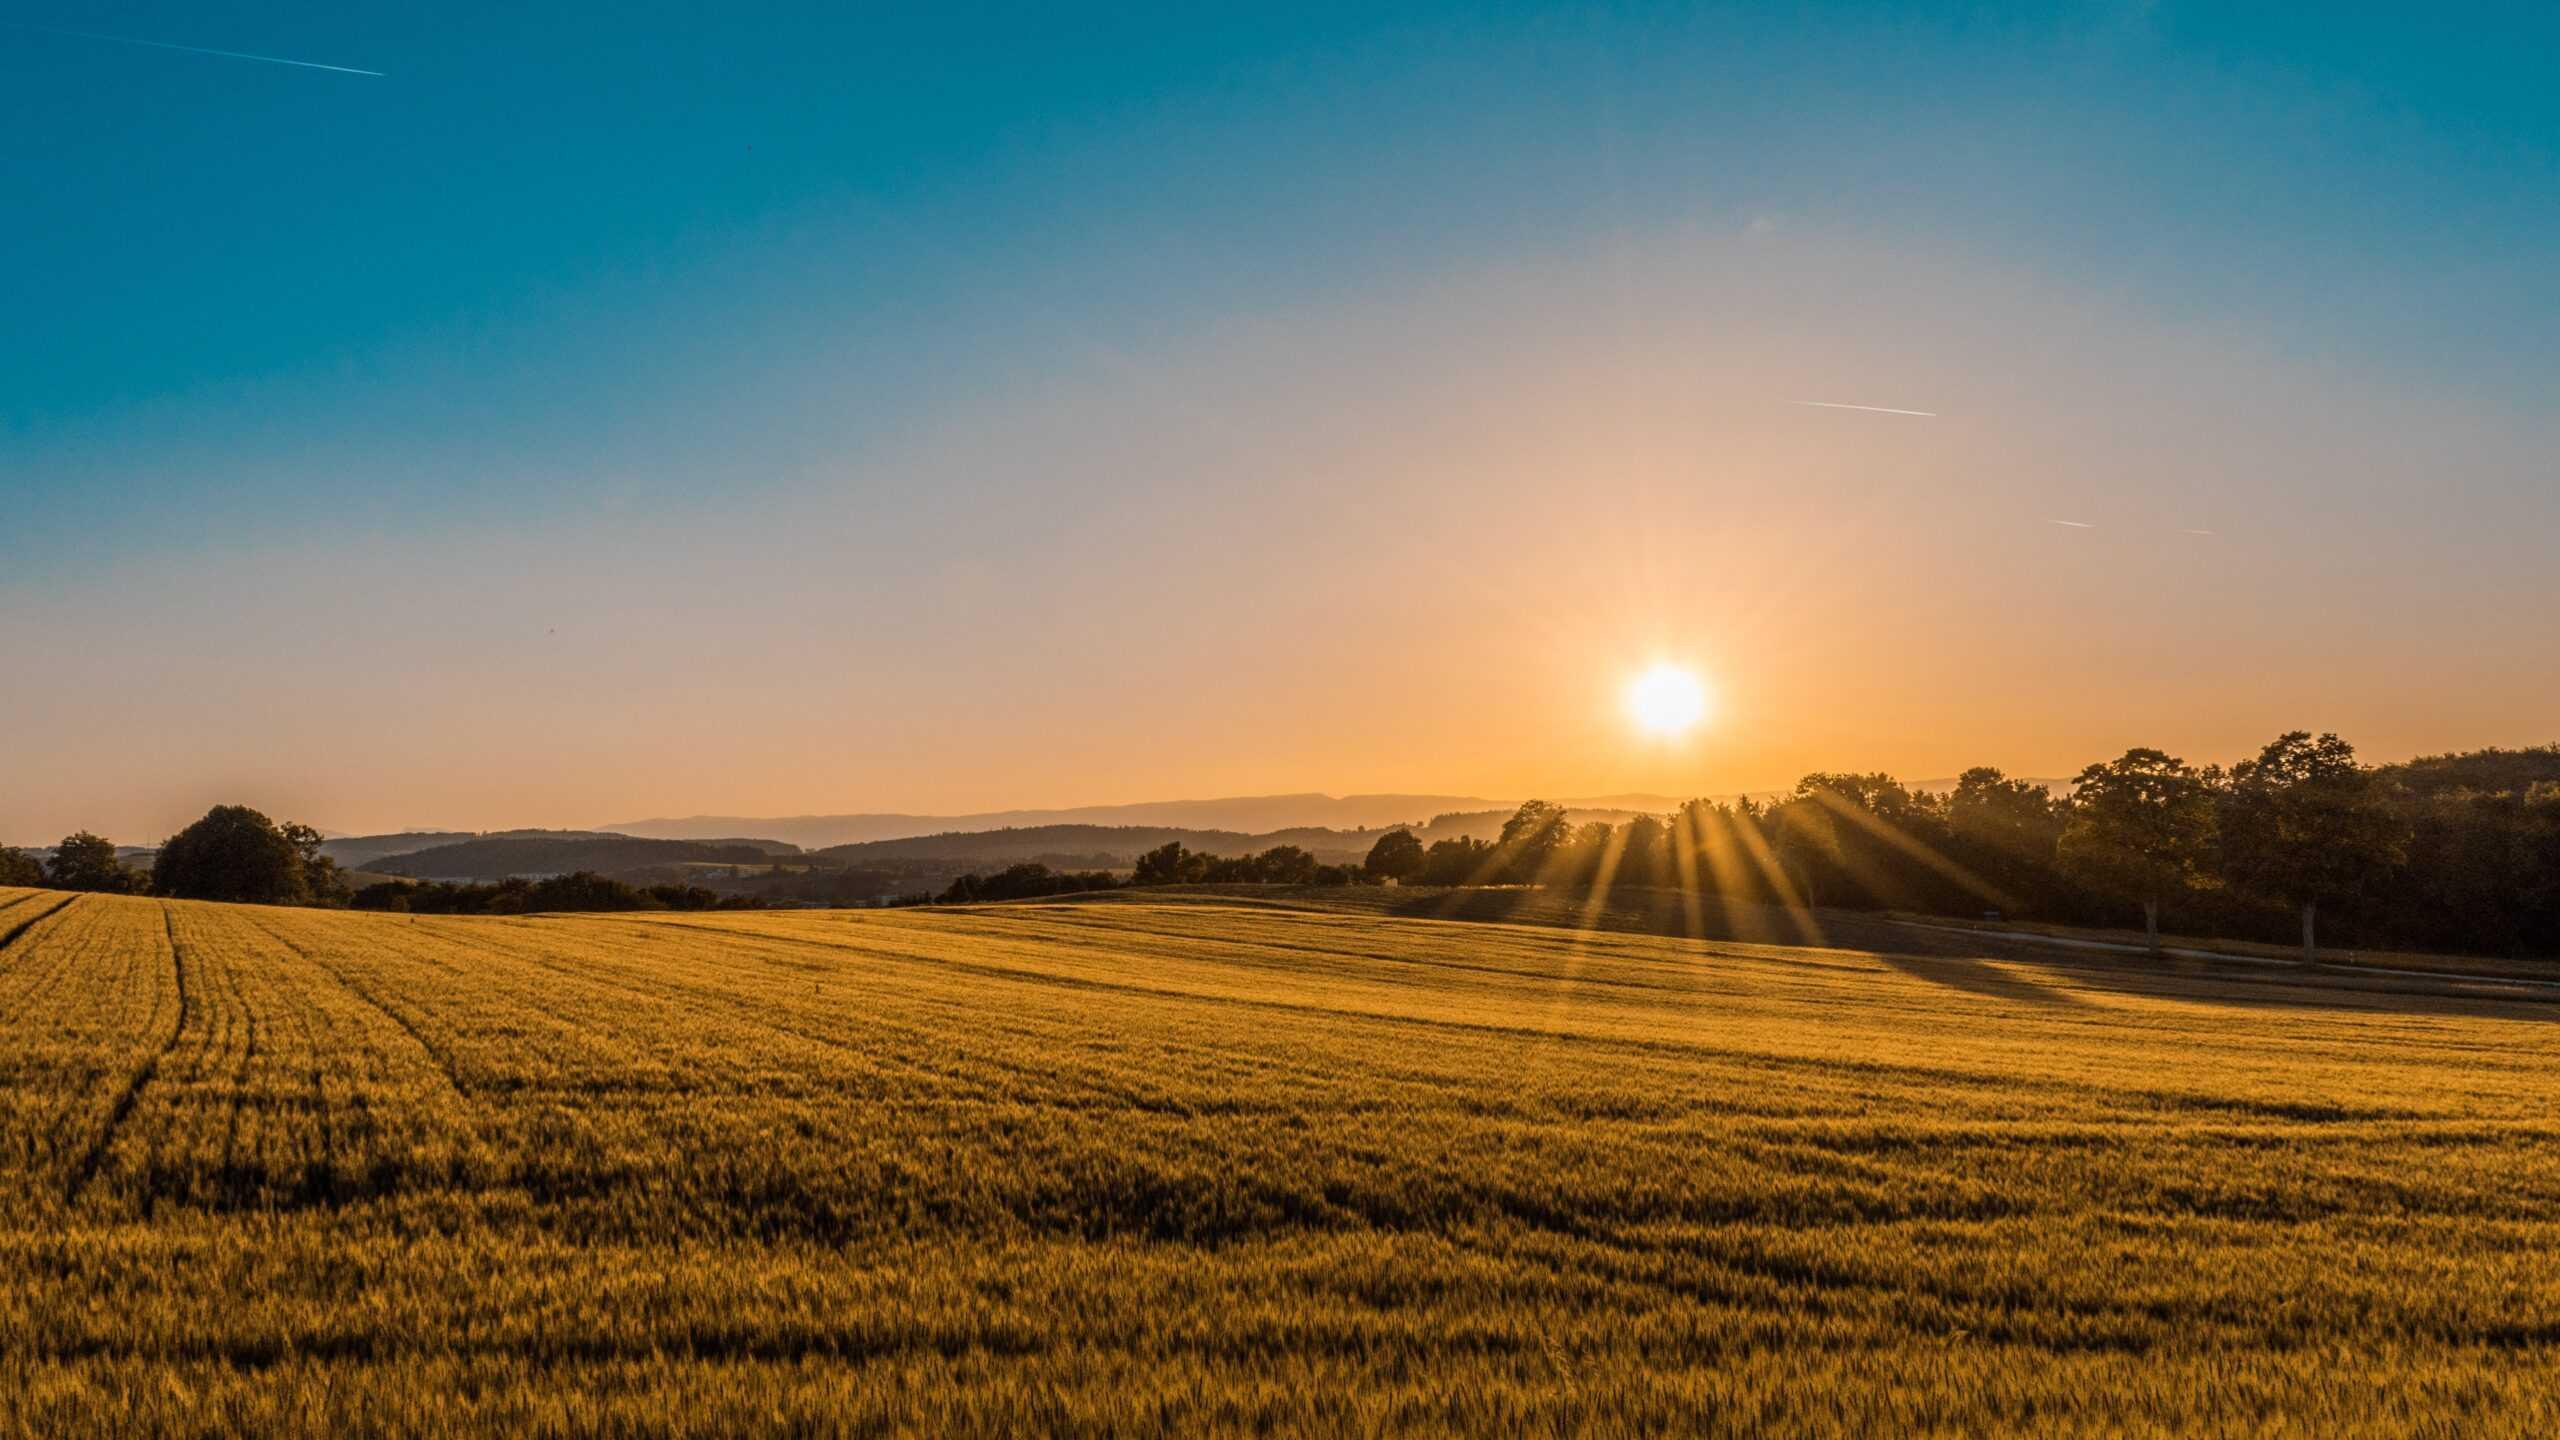 Ринок землі: скільки гектарів продали в Україні за два місяці